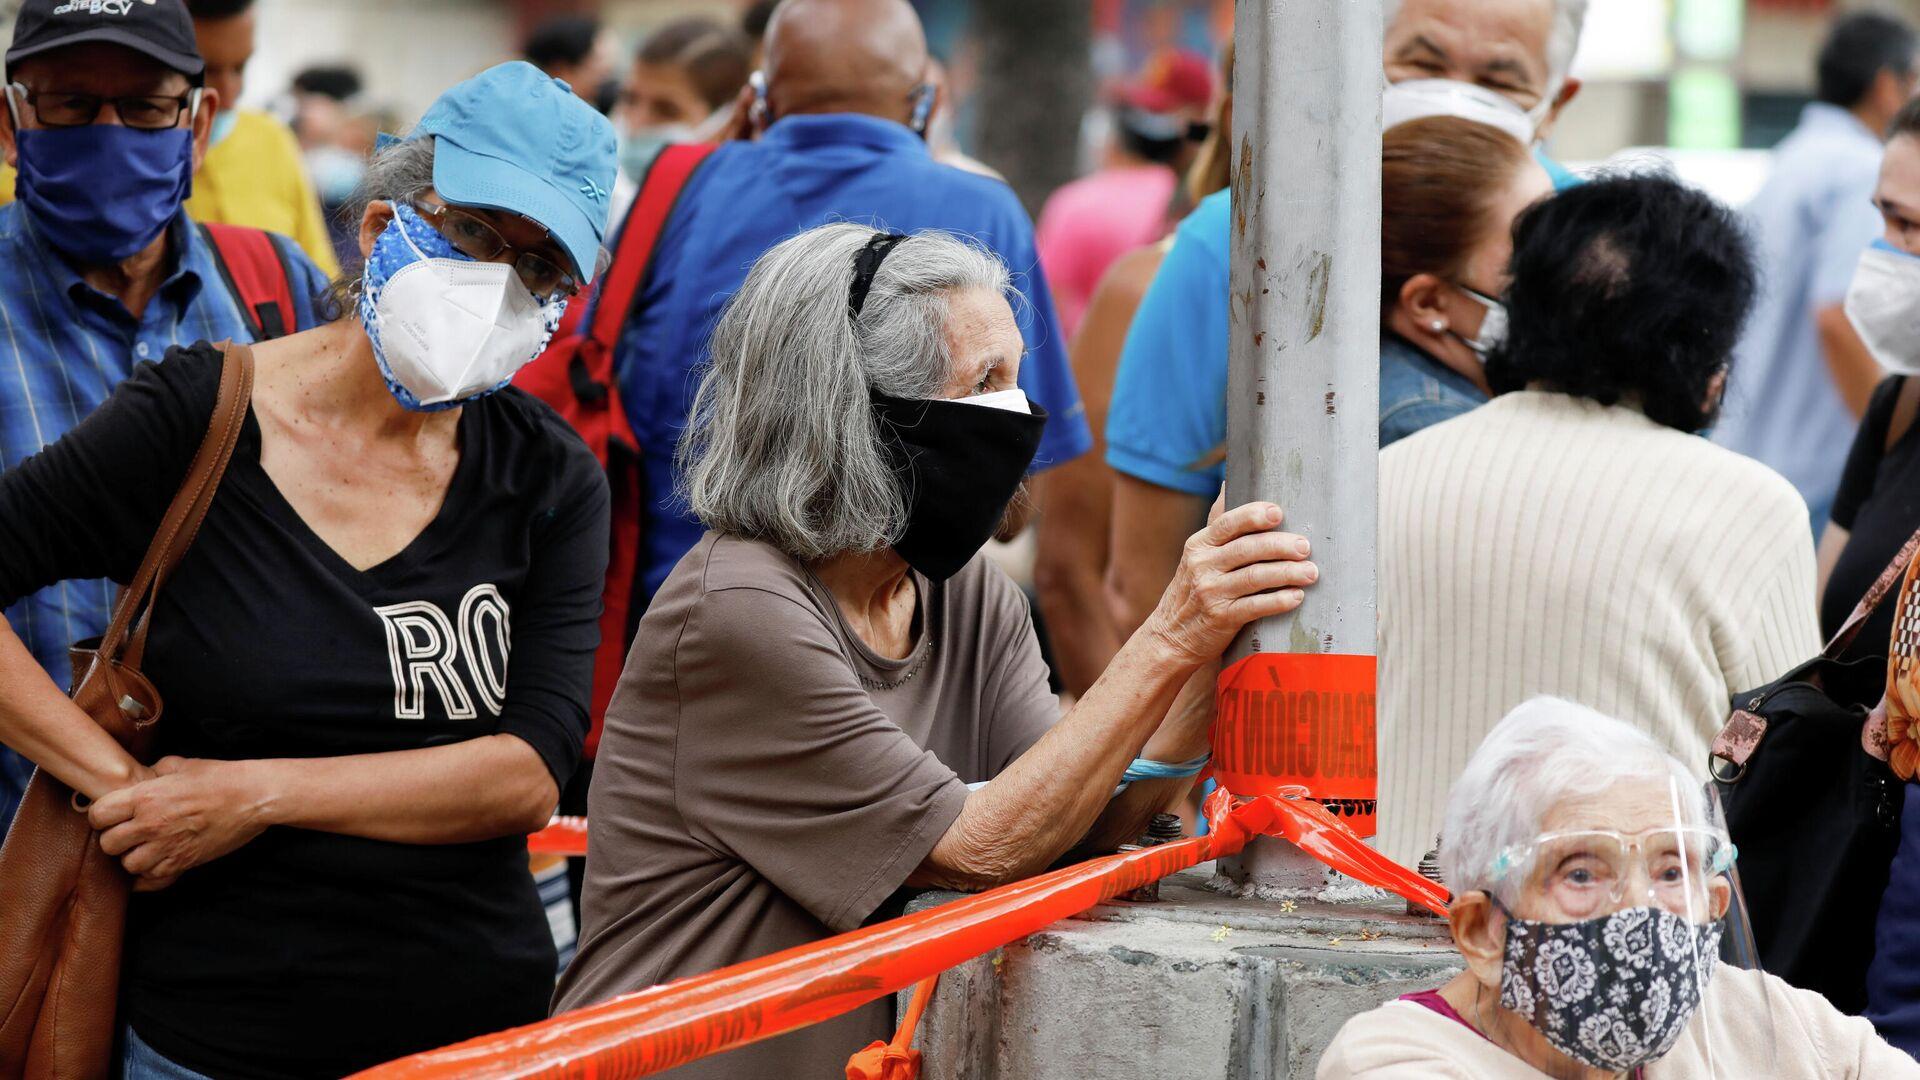 Filas para vacunarse en Caracas - Sputnik Mundo, 1920, 01.06.2021